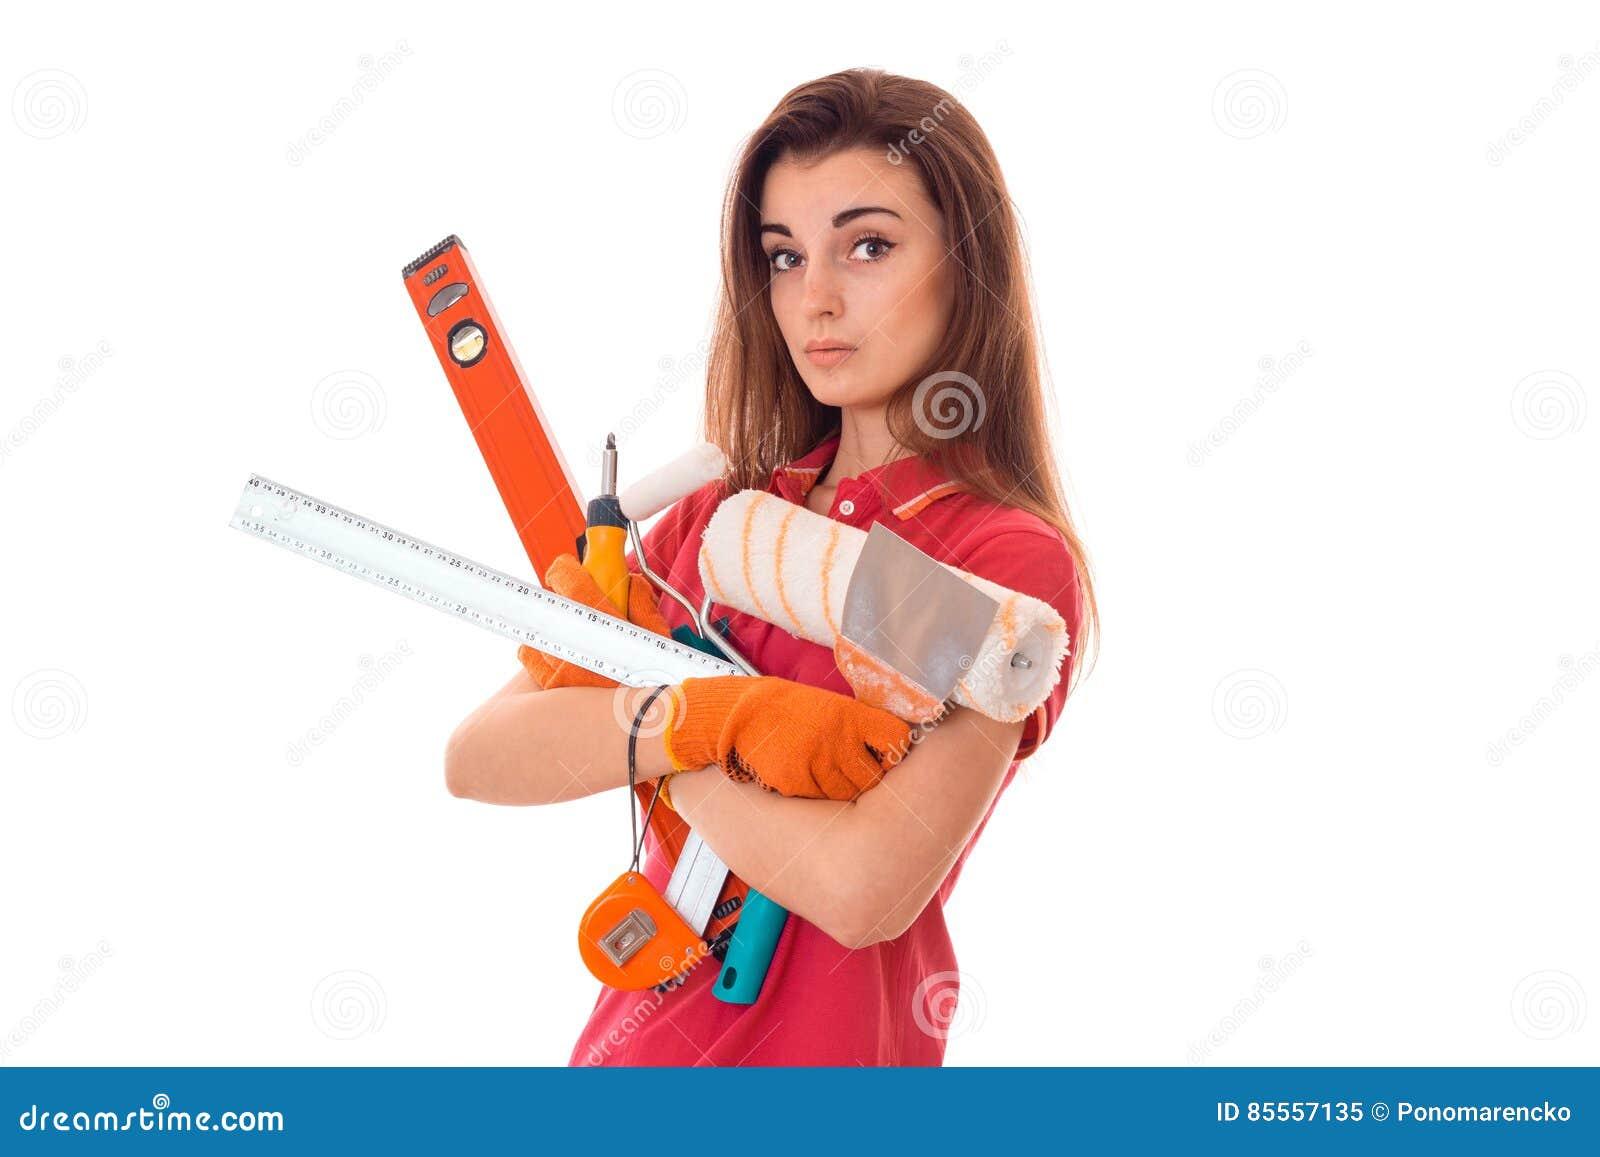 Junges reizend Erbauermädchen in der Uniform mit vielen Werkzeugen macht Erneuerung lokalisiert auf weißem Hintergrund